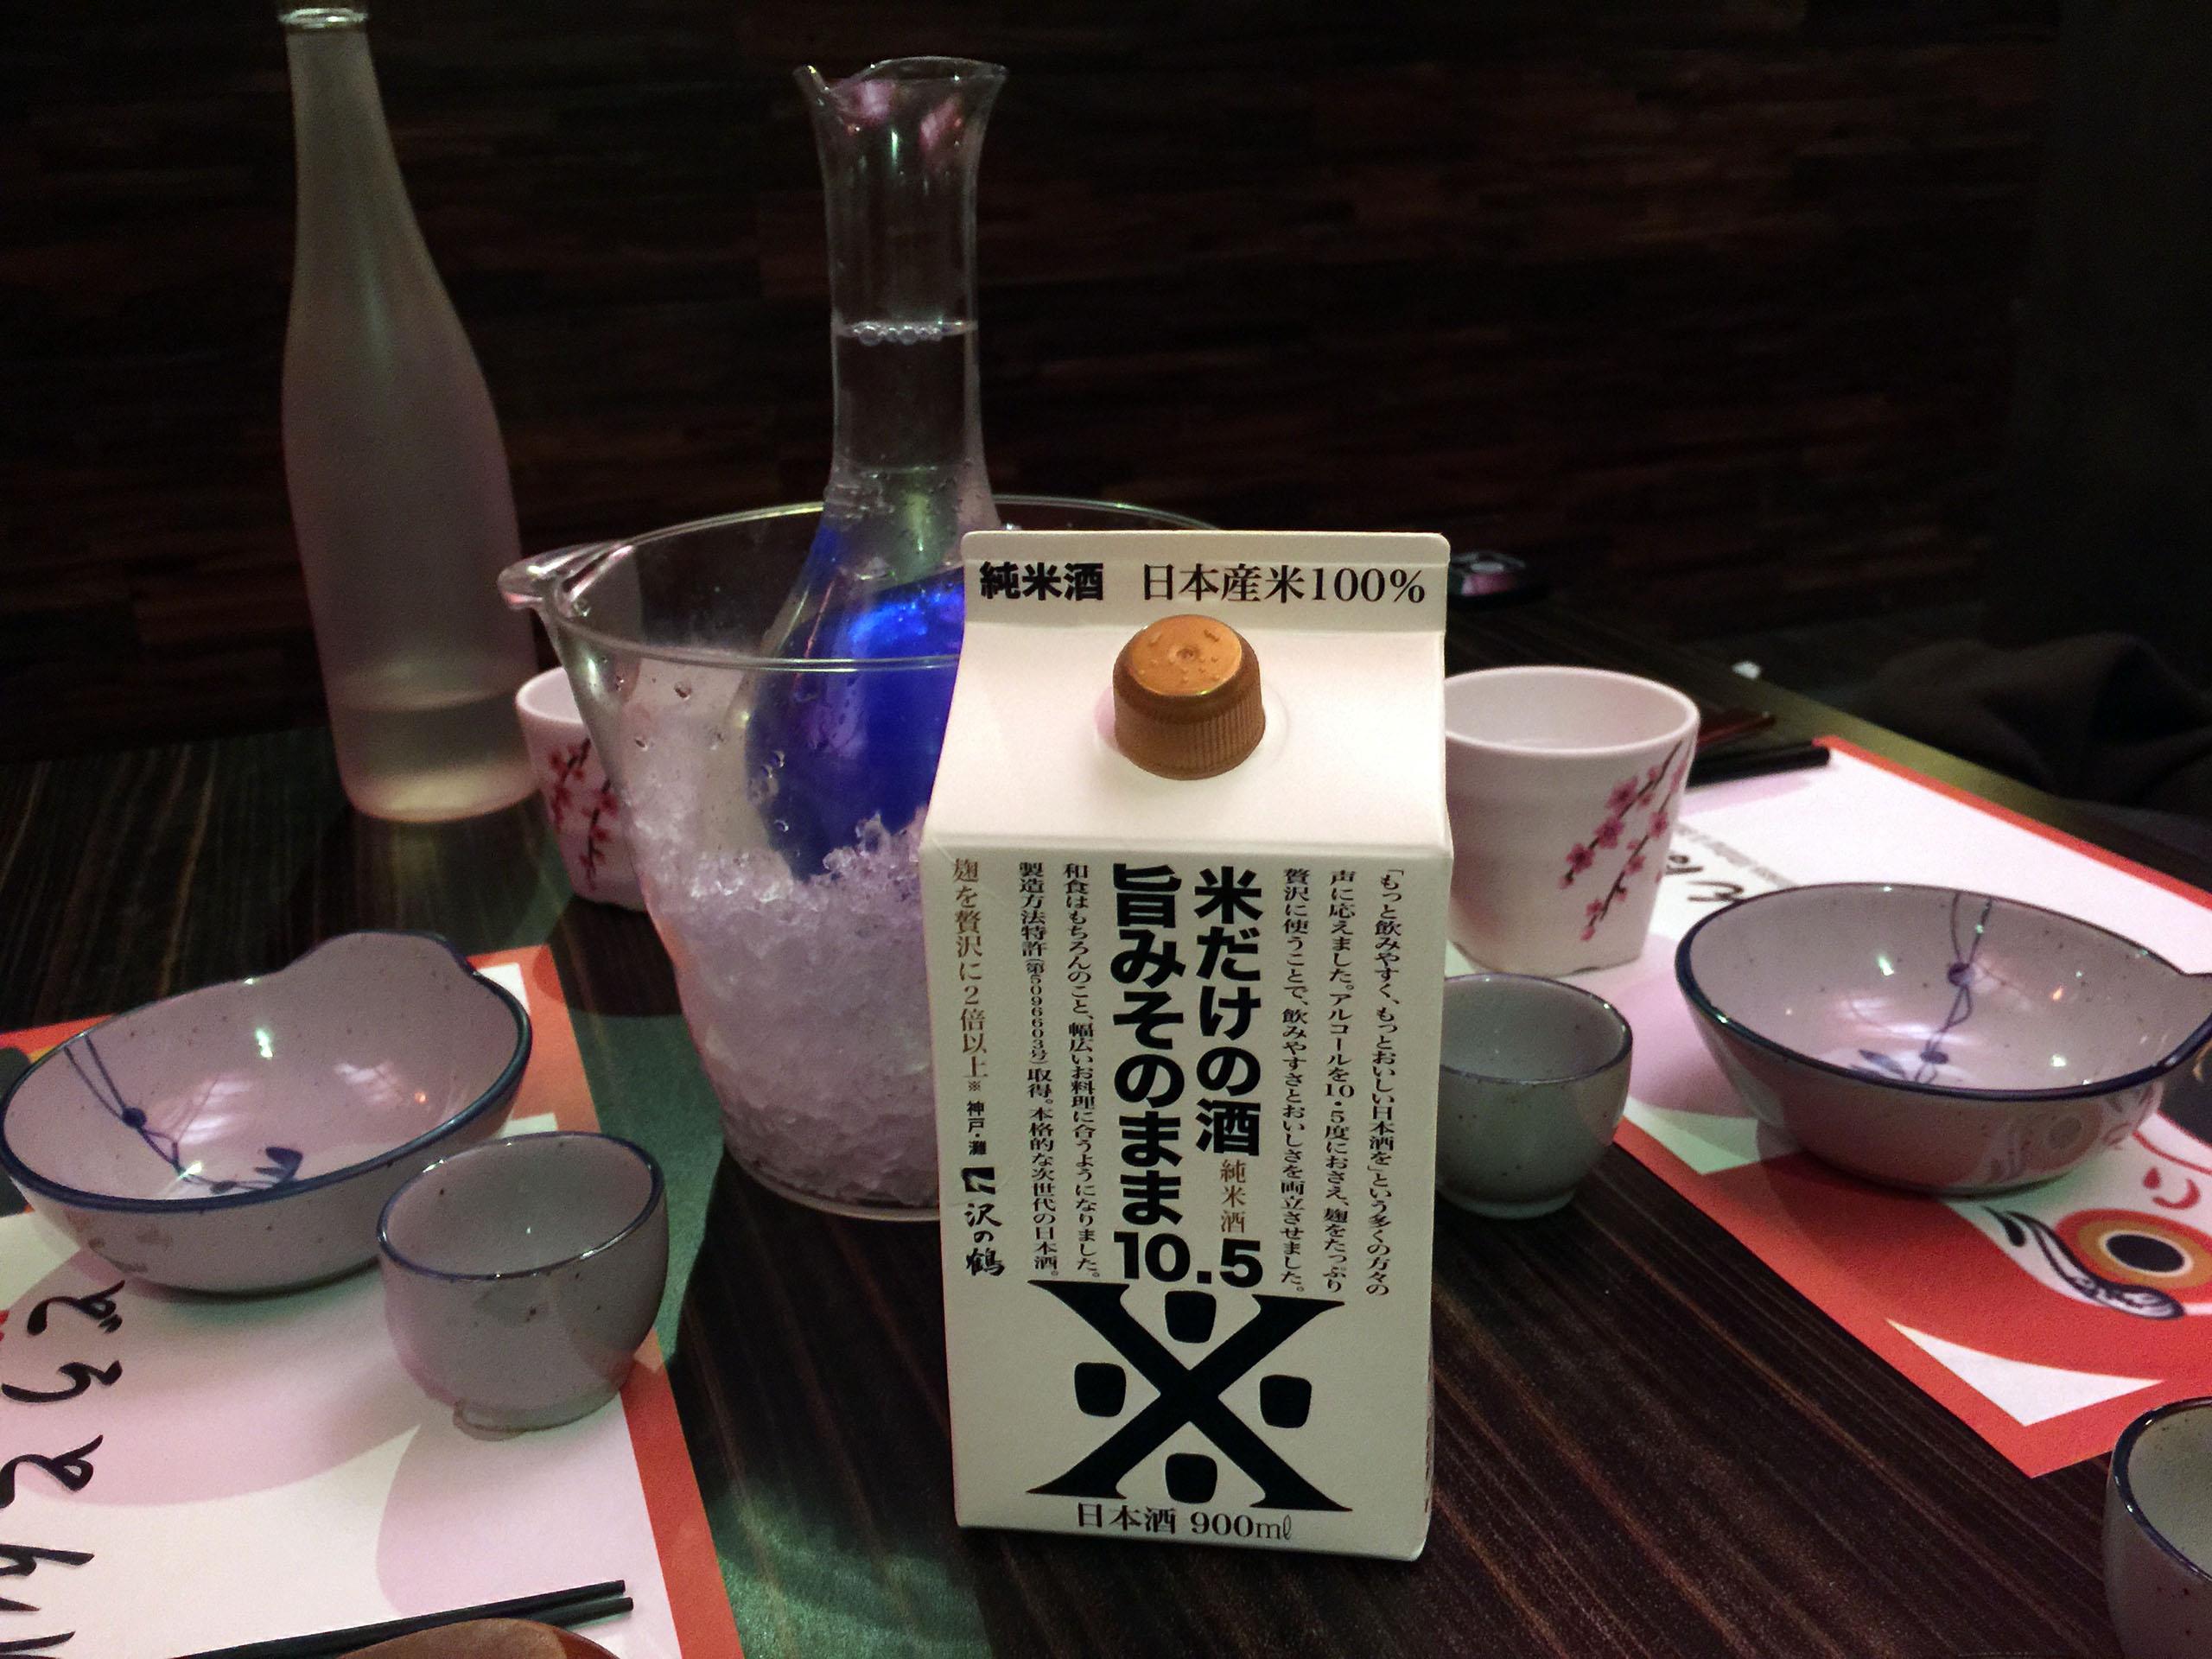 사와노츠루 쥰마이 10.5